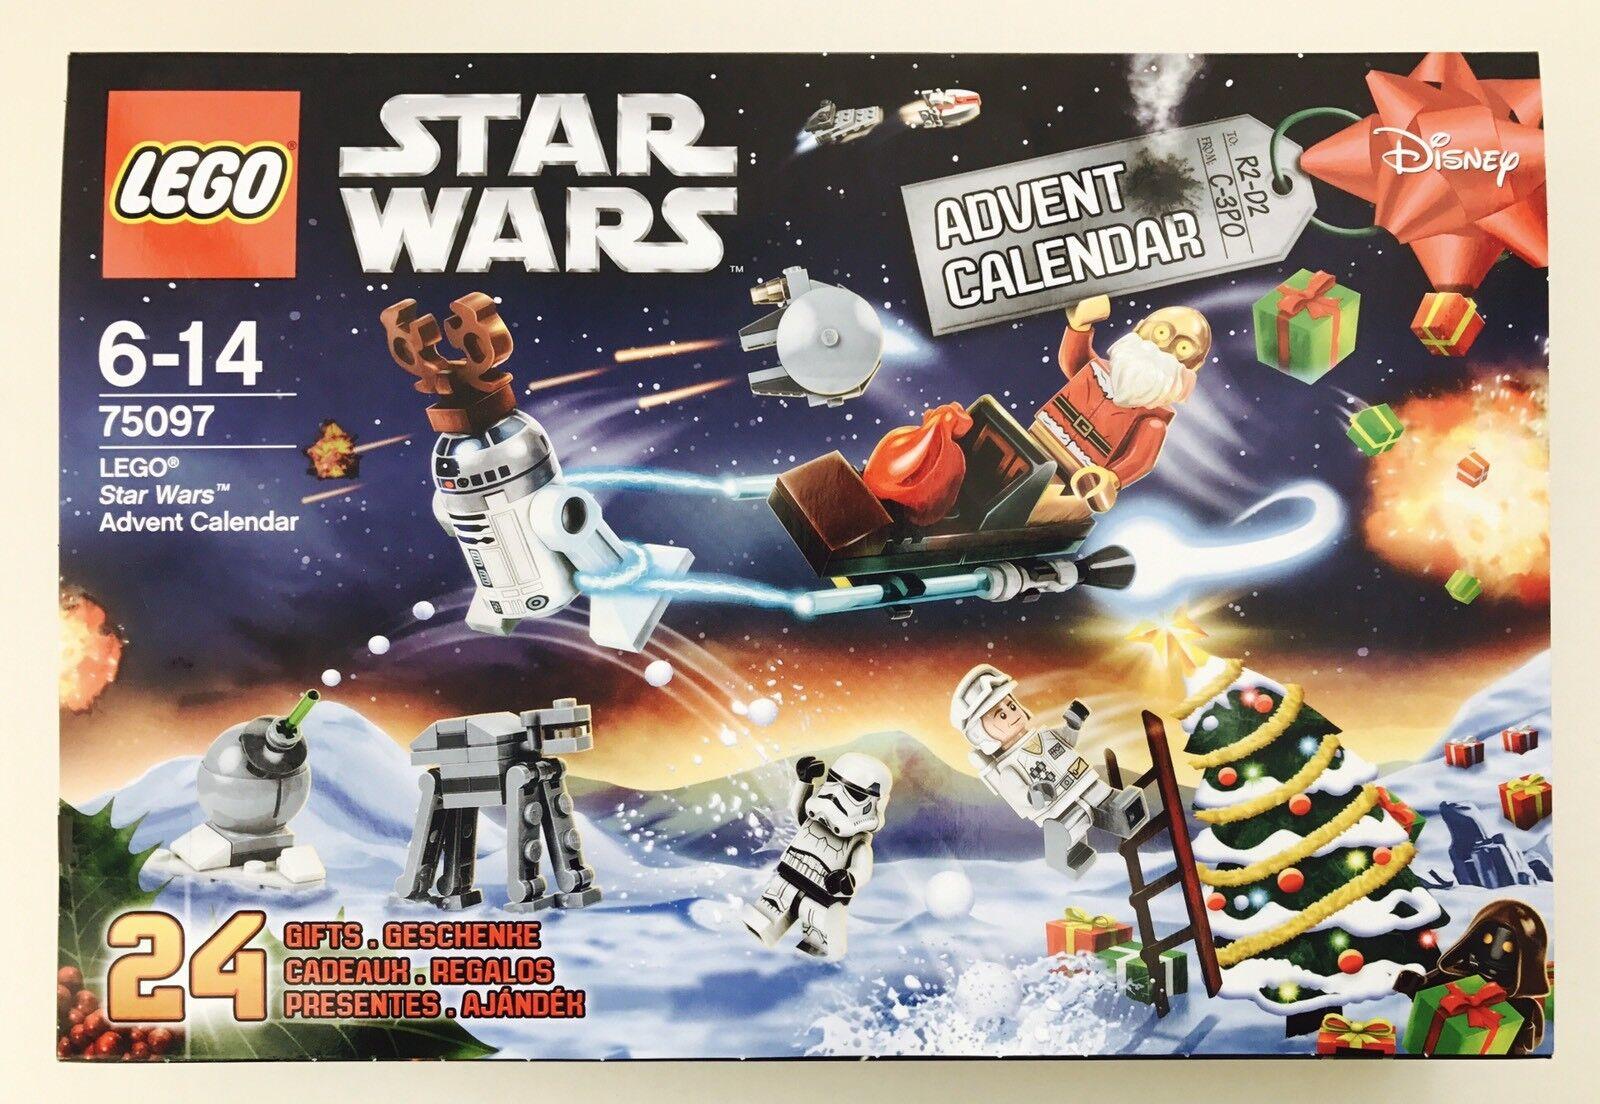 LEGO STAR WARS - 2015 ADVENT CALENDAR (75097) NEW SEALED